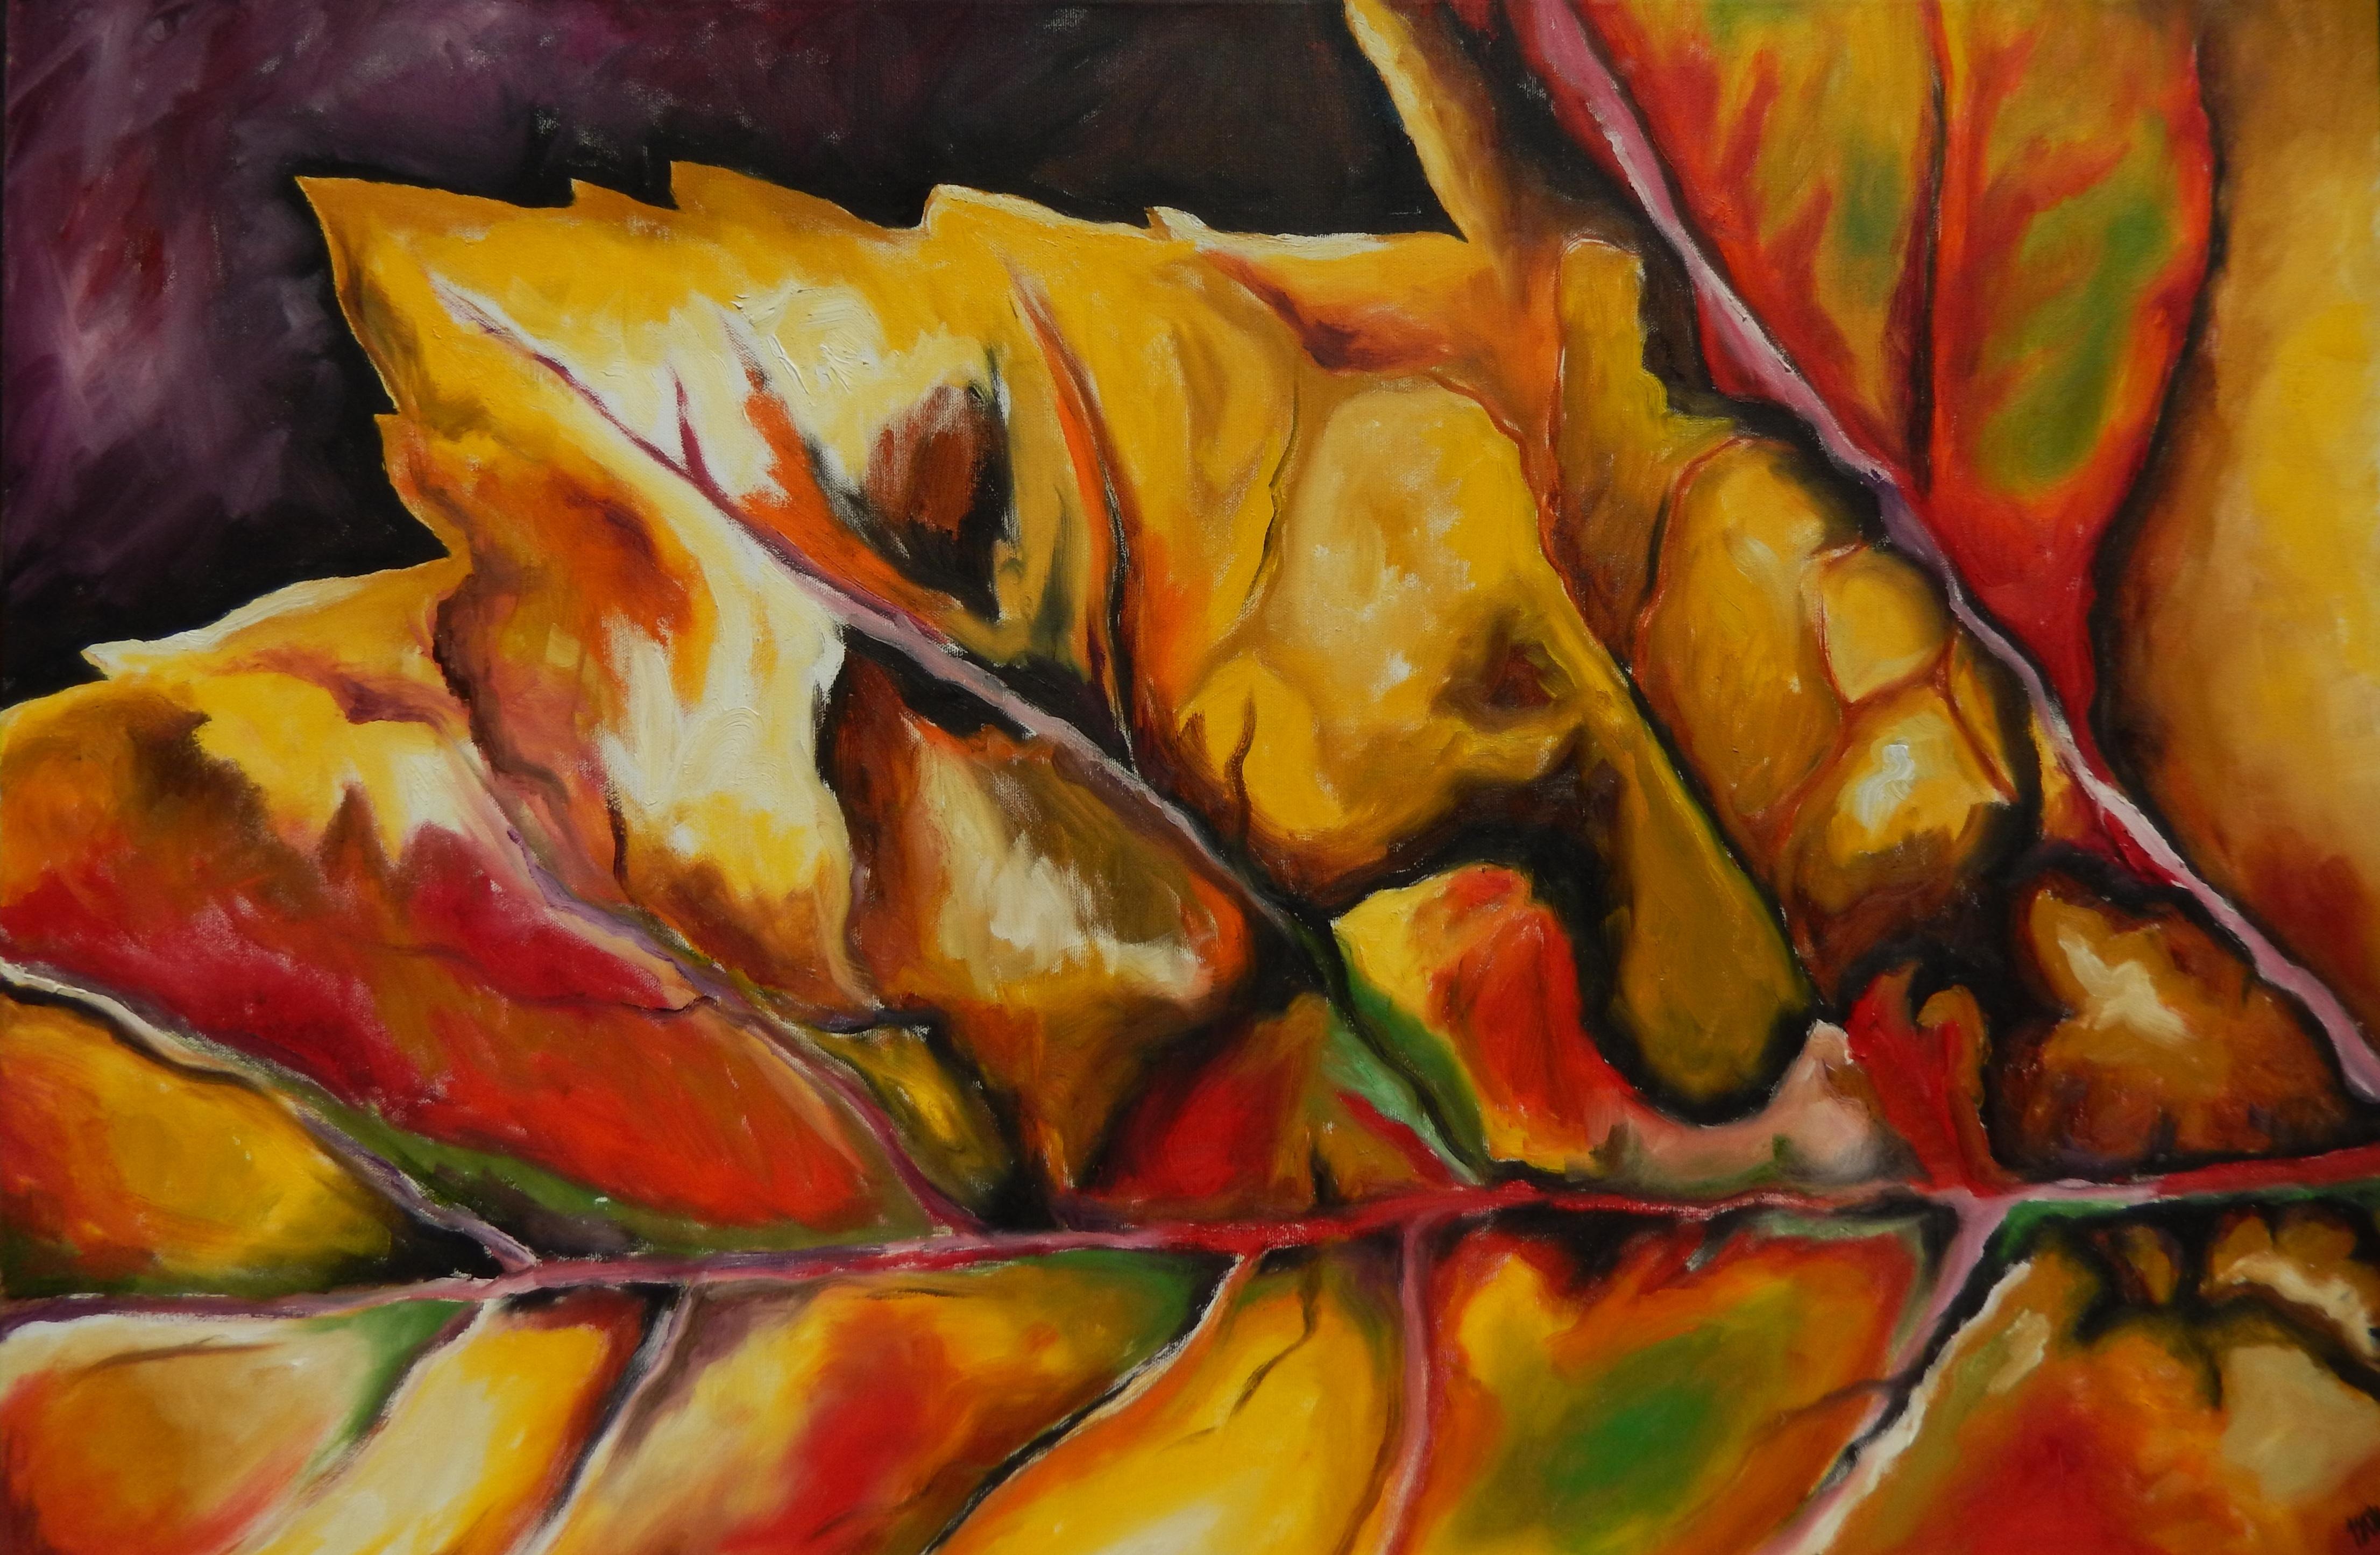 Site Des Artistes Peintres isabelle lachance, artiste peintre